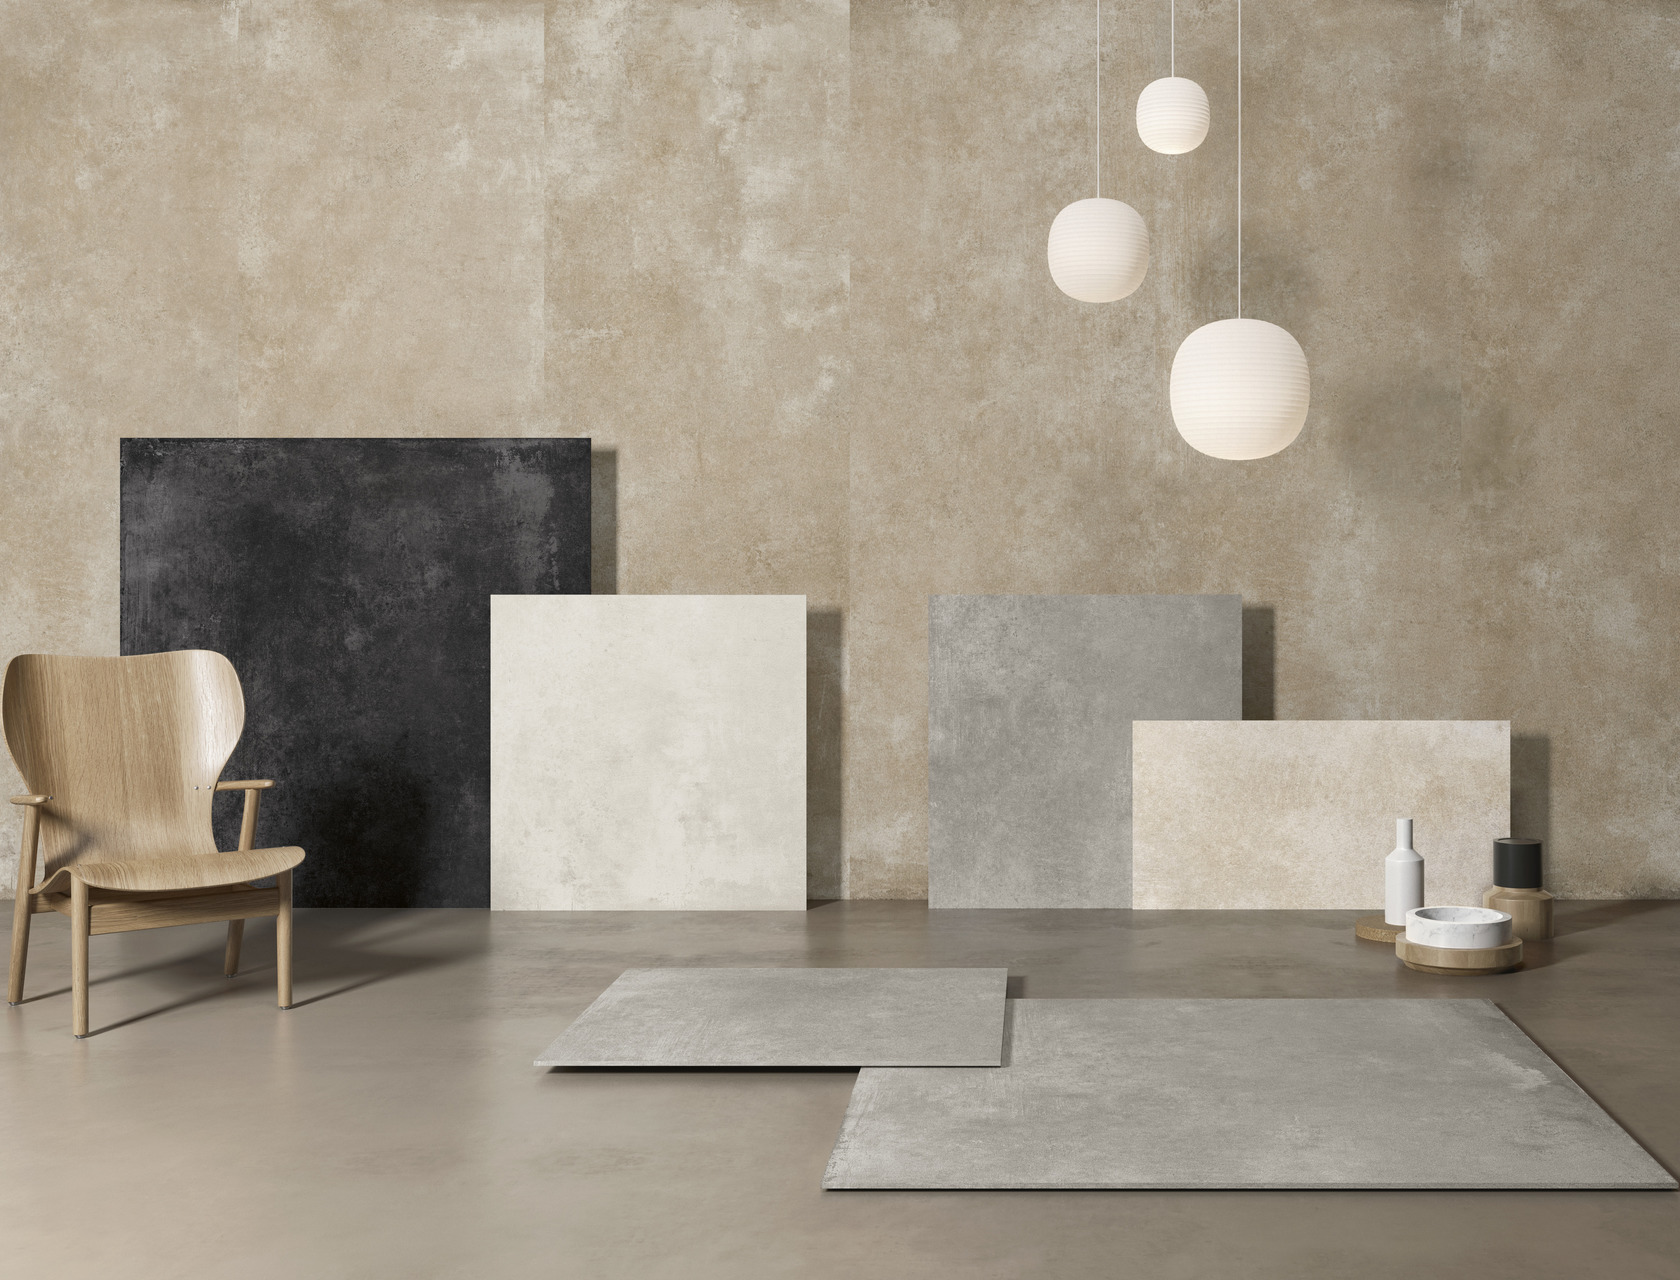 Pavimenti In Cemento Resina : Pavimenti in resina